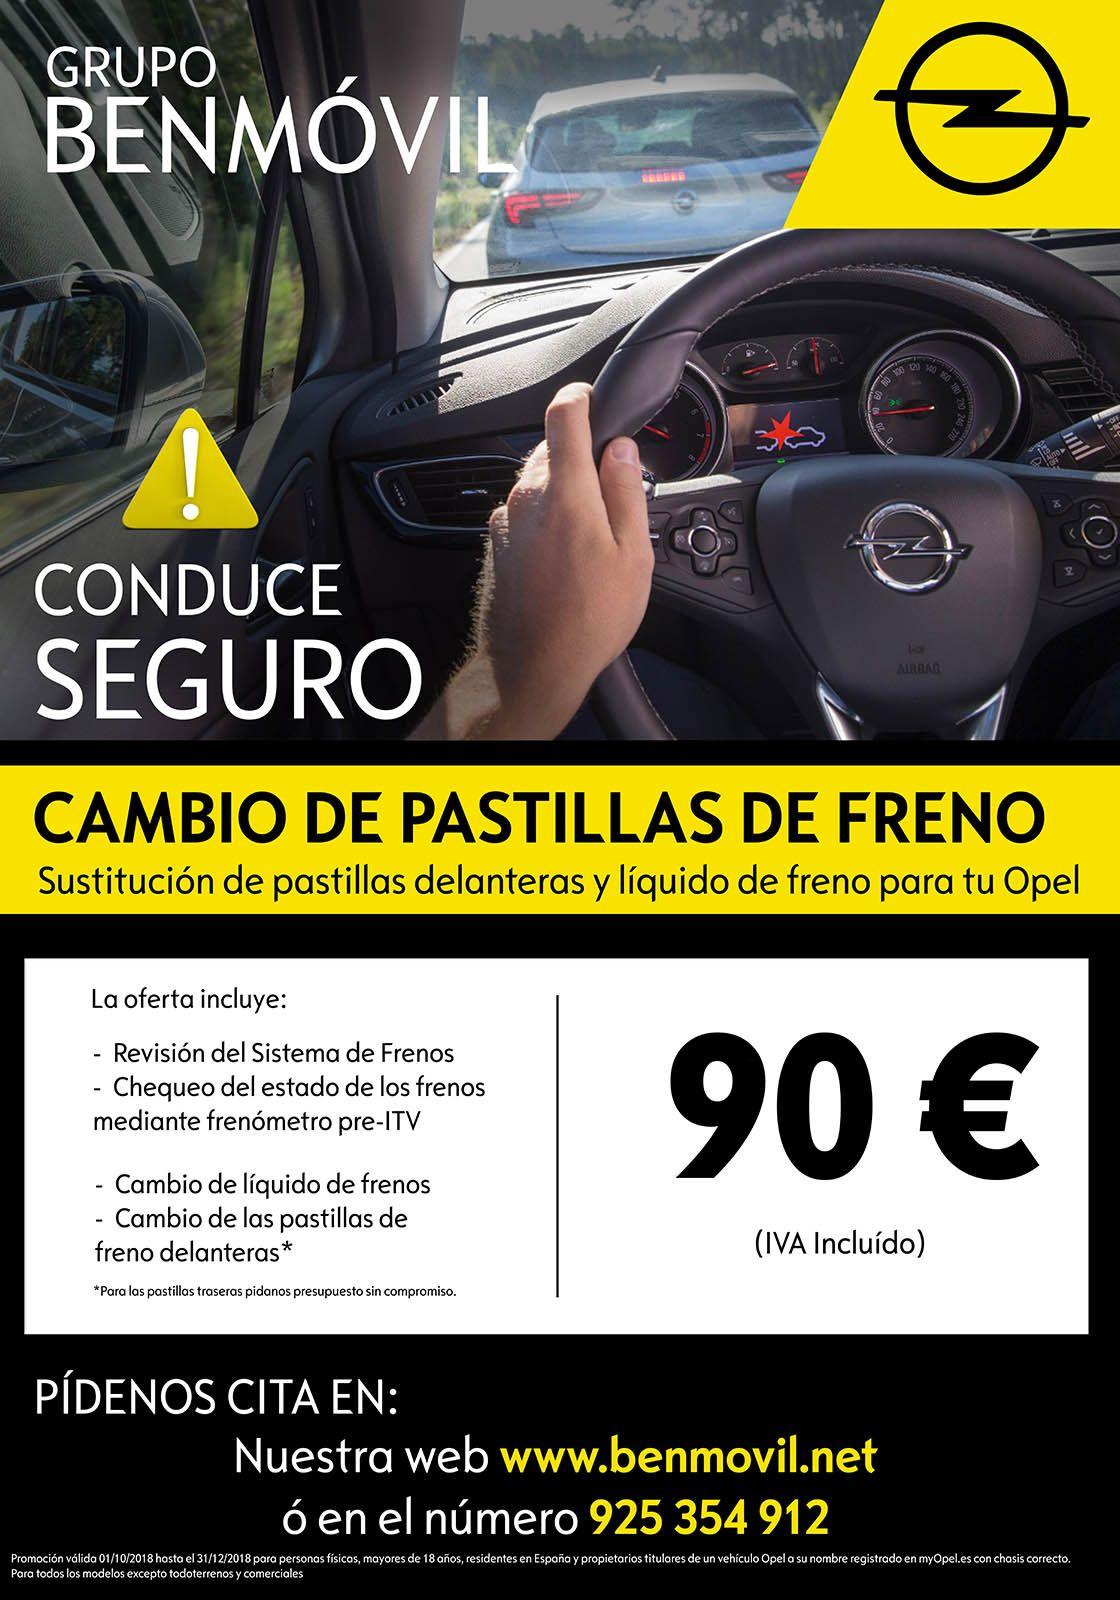 CONDUCE SEGURO, REVISA EL SISTEMA DE FRENADO